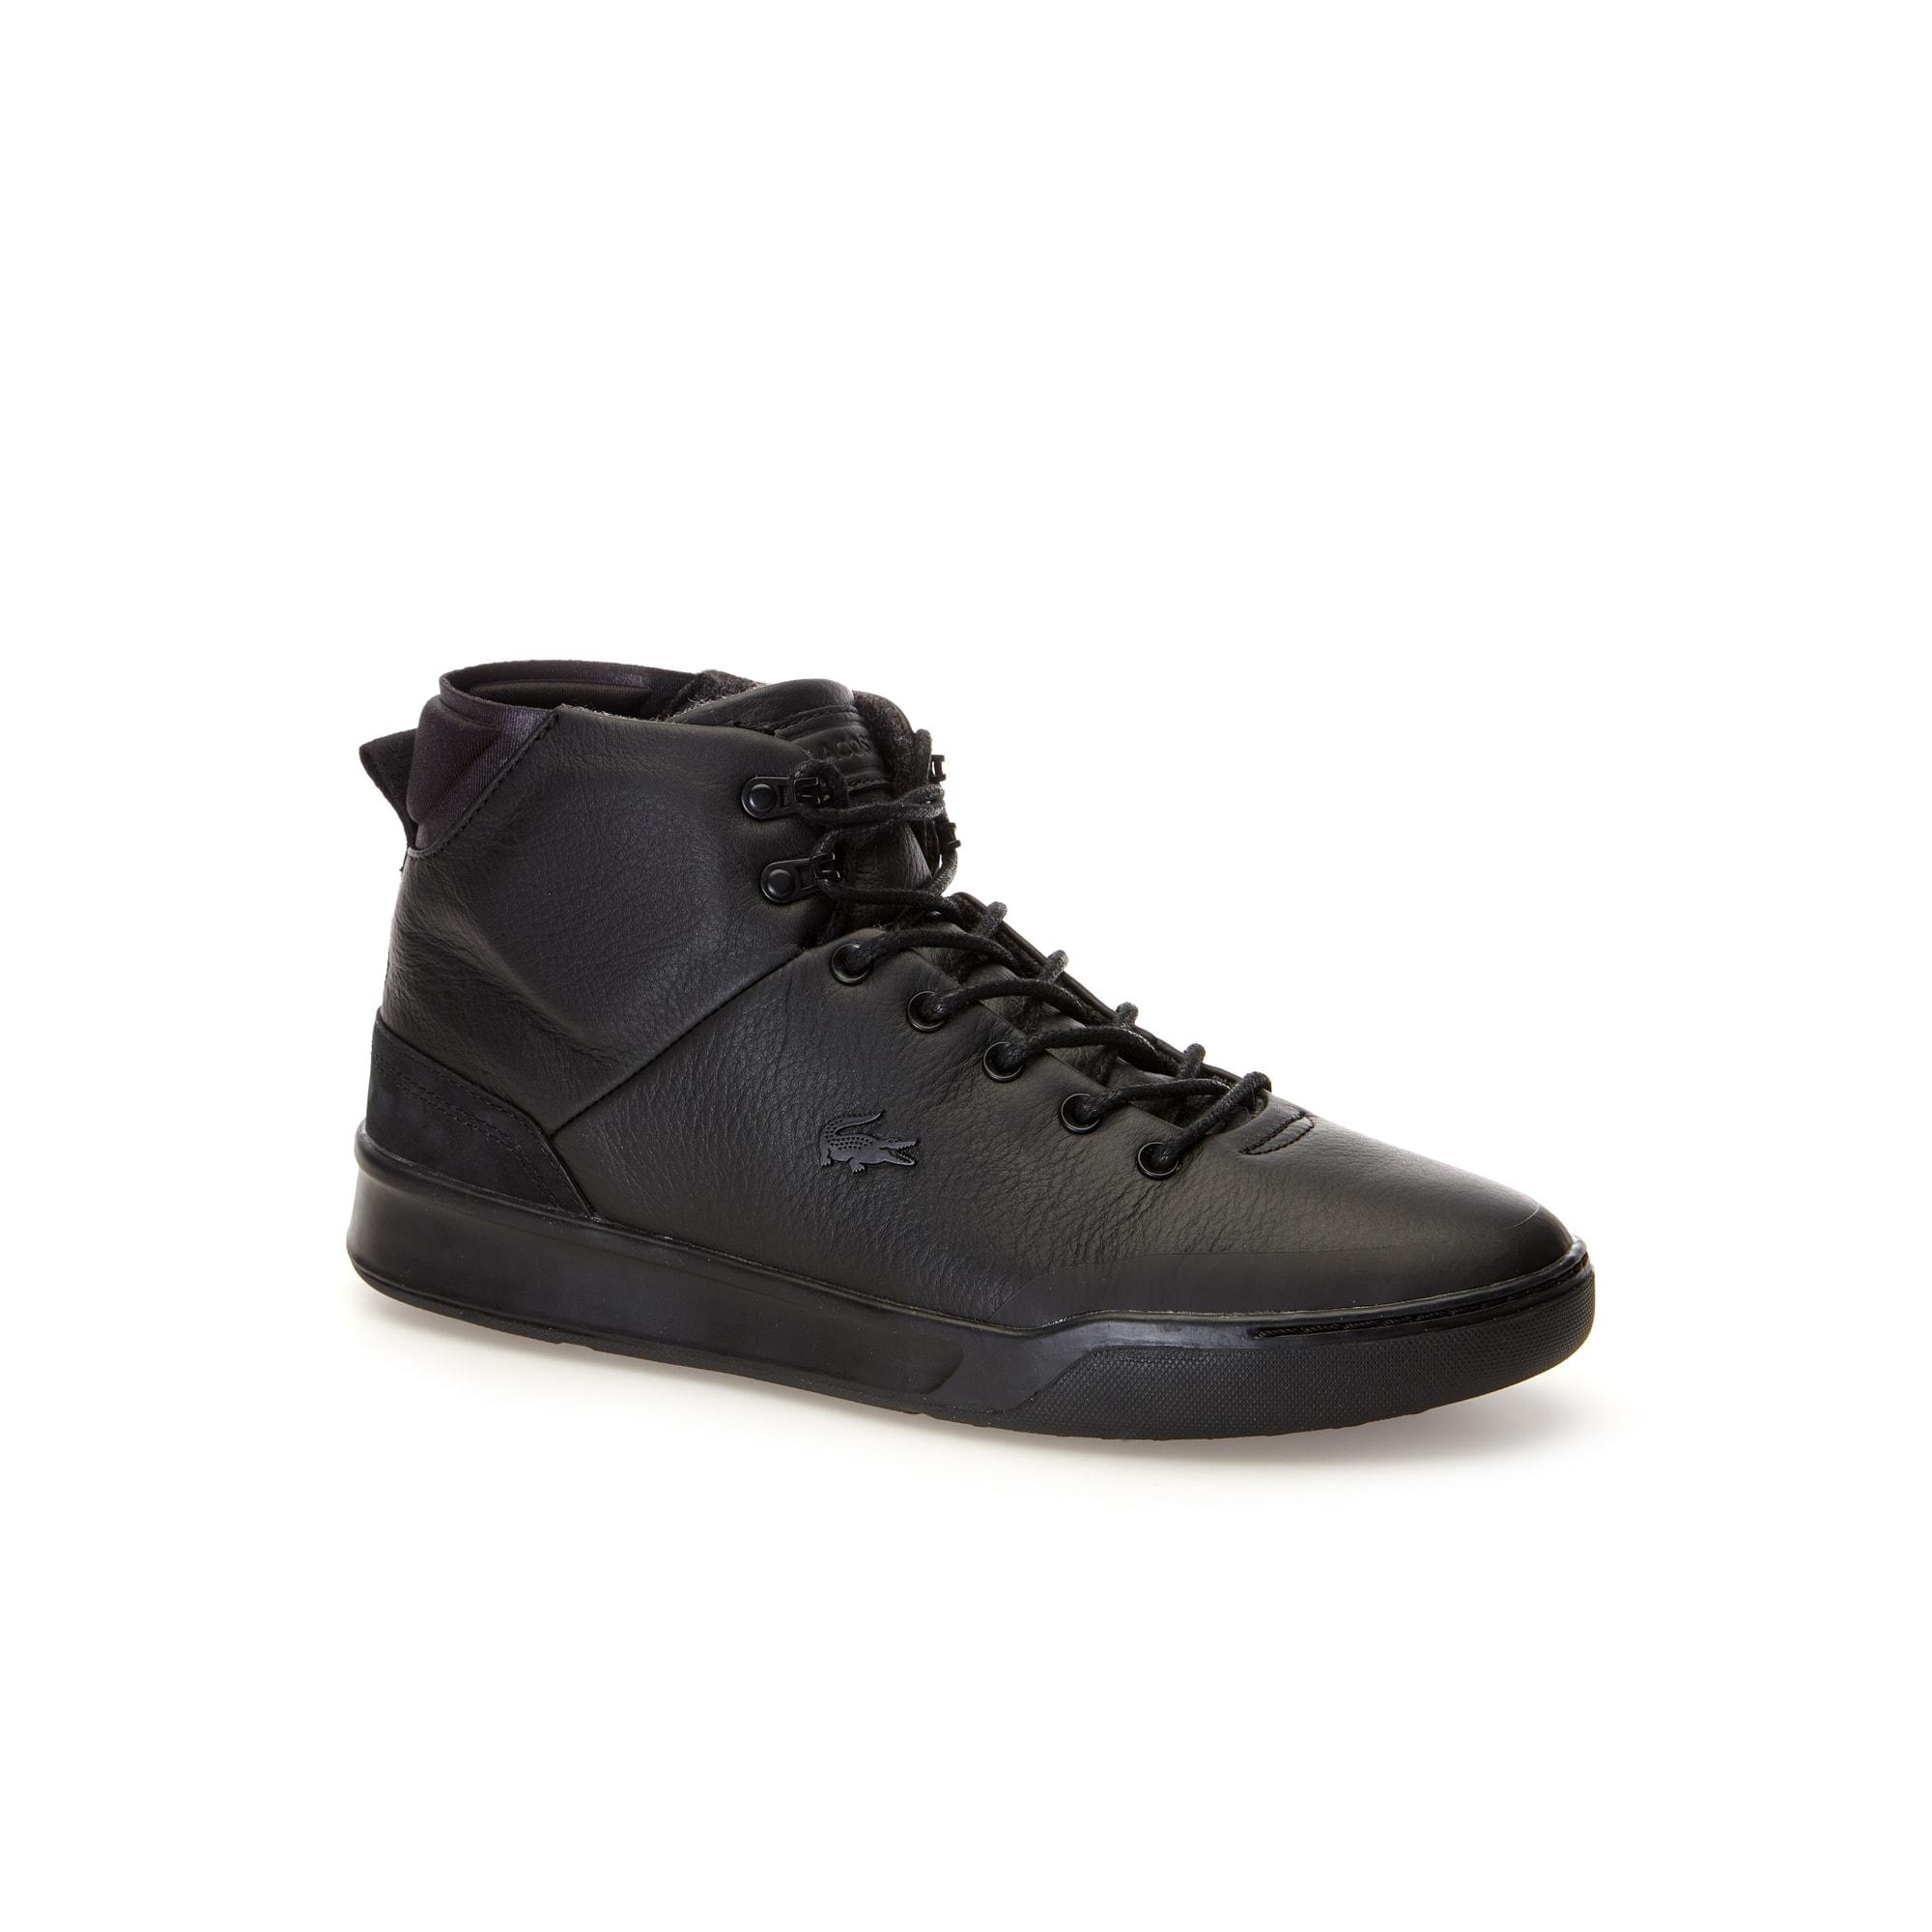 Sneakers Explorateur Classic homme à tige montante en cuir noir froissé